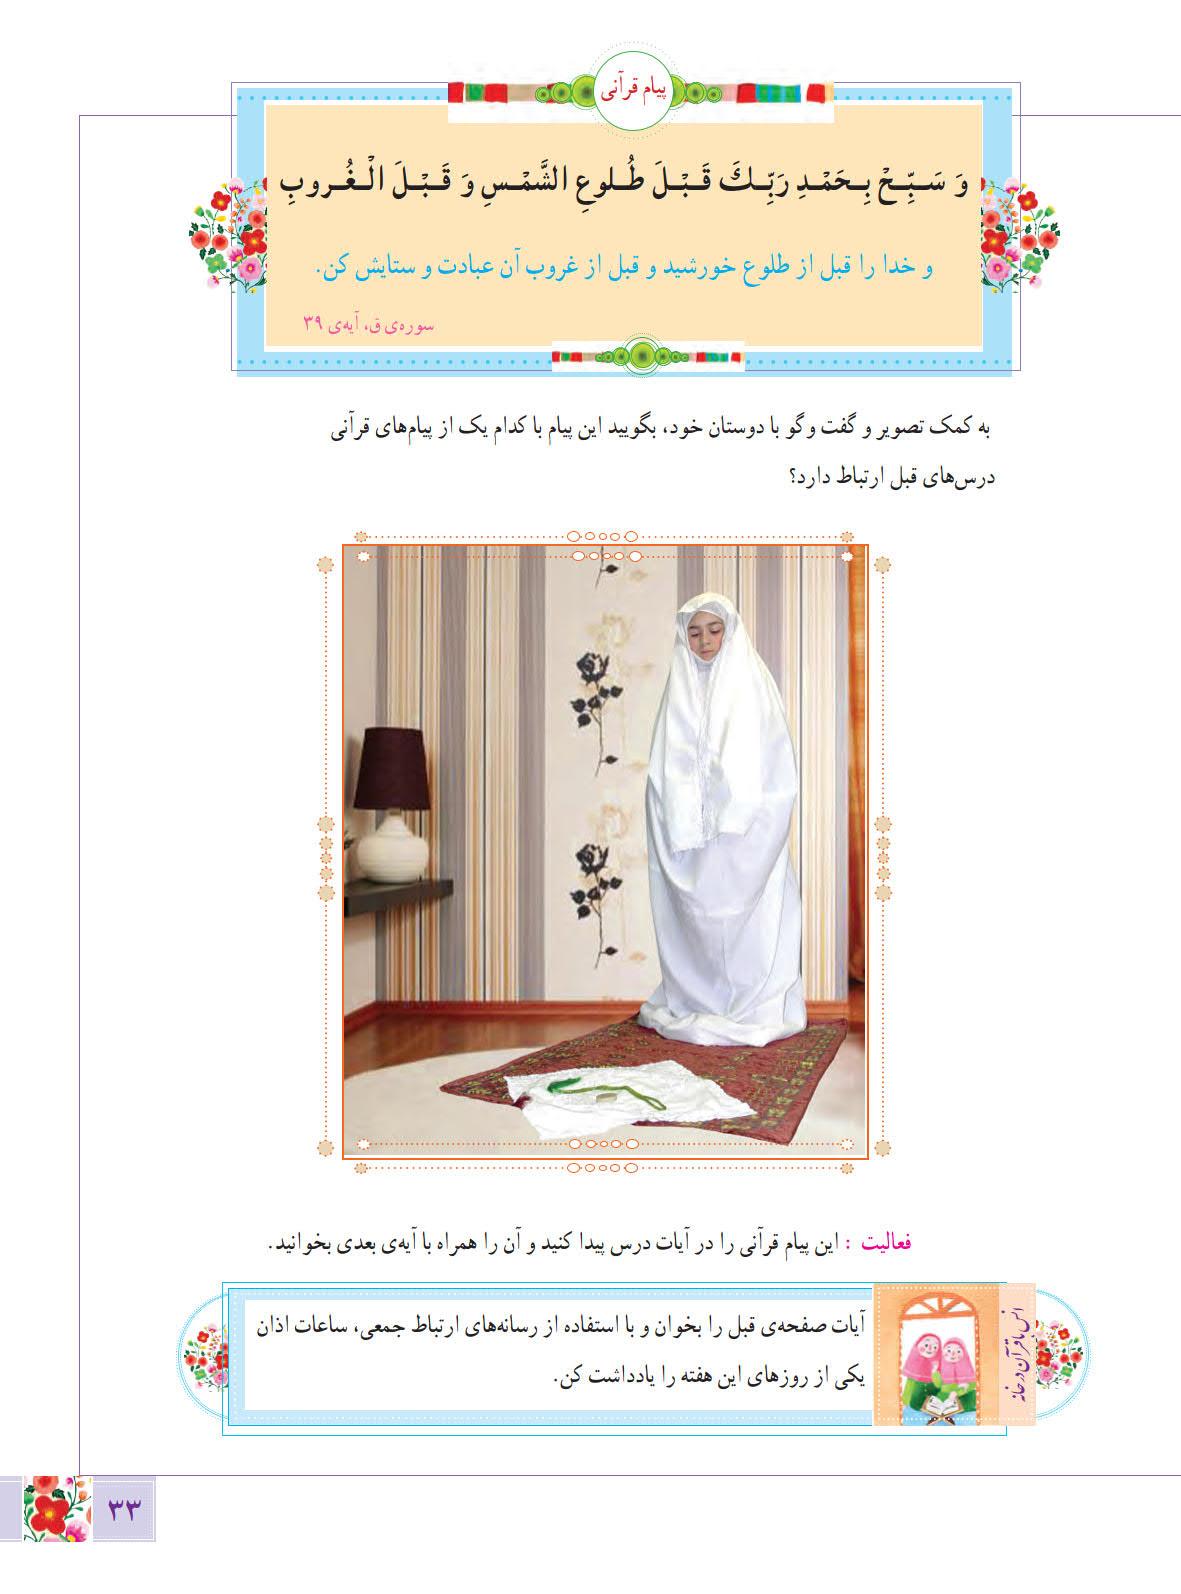 روخوانی و متن و پاسخ صفحه 33 درس پنجم آموزش قرآن ششم ابتدایی - کلاس اینترنتی ما - مومکا - momeka.ir (1)